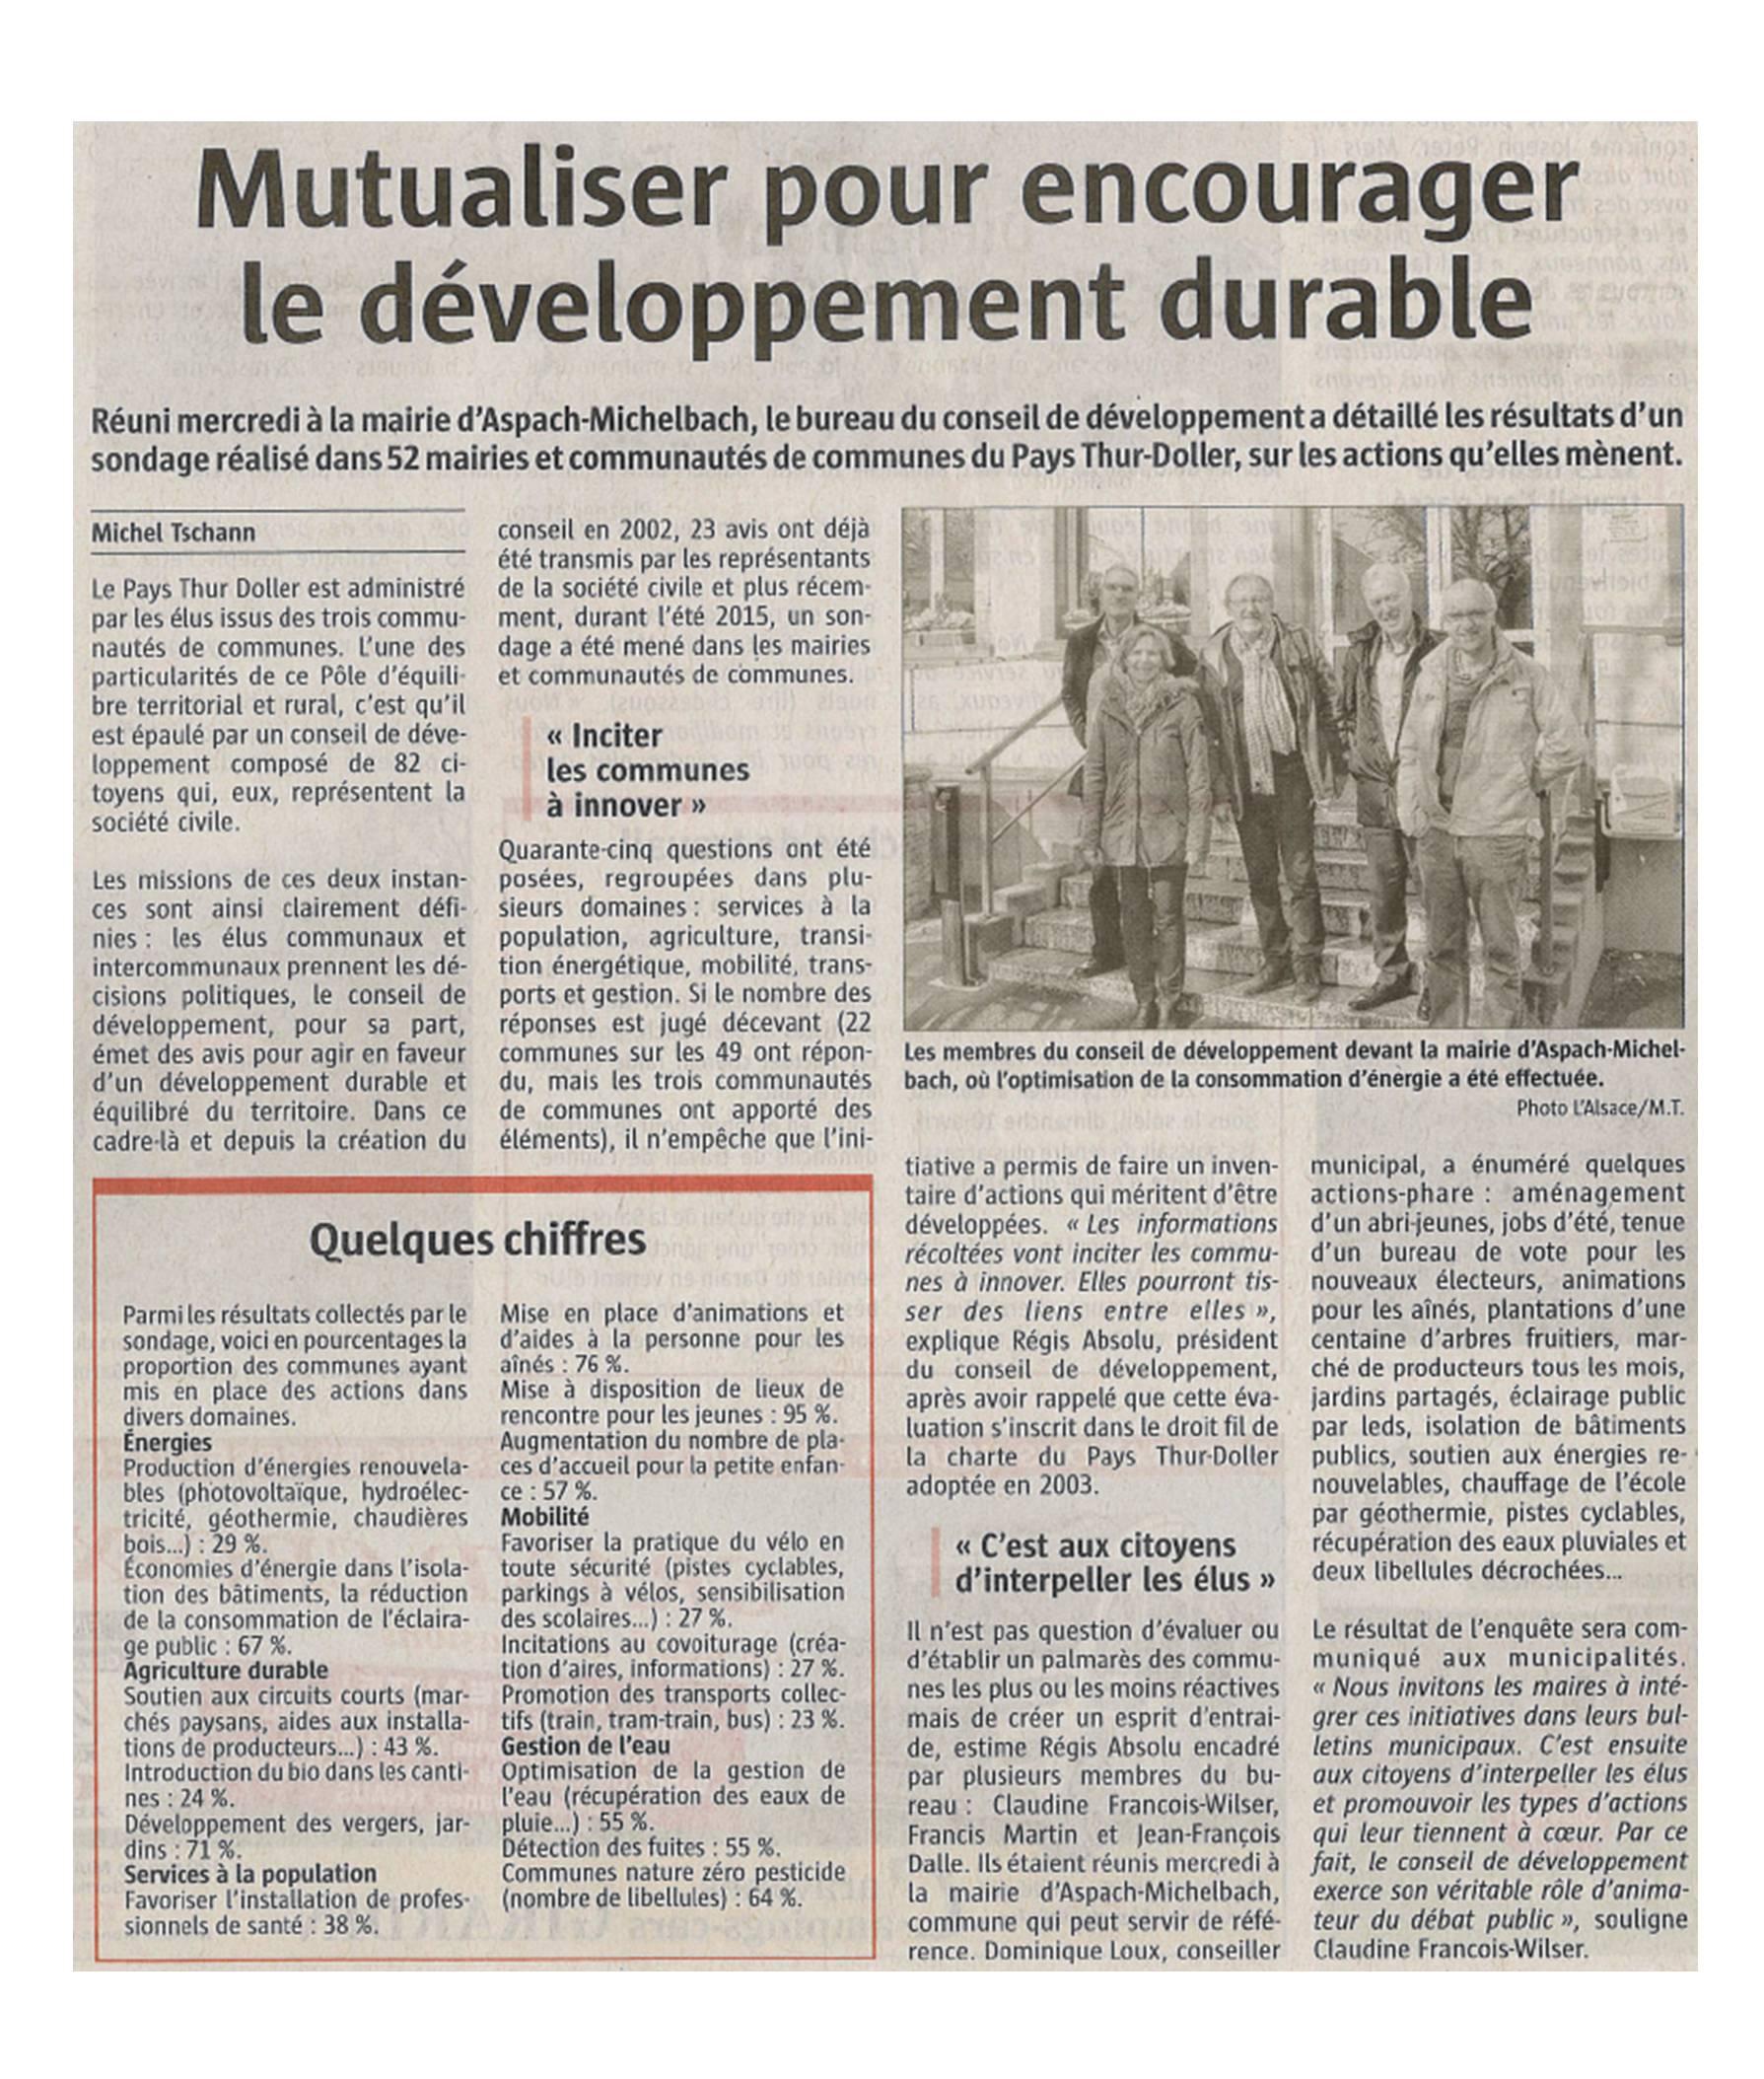 Mutualiser pour encourager le développement durable - L'Alsace